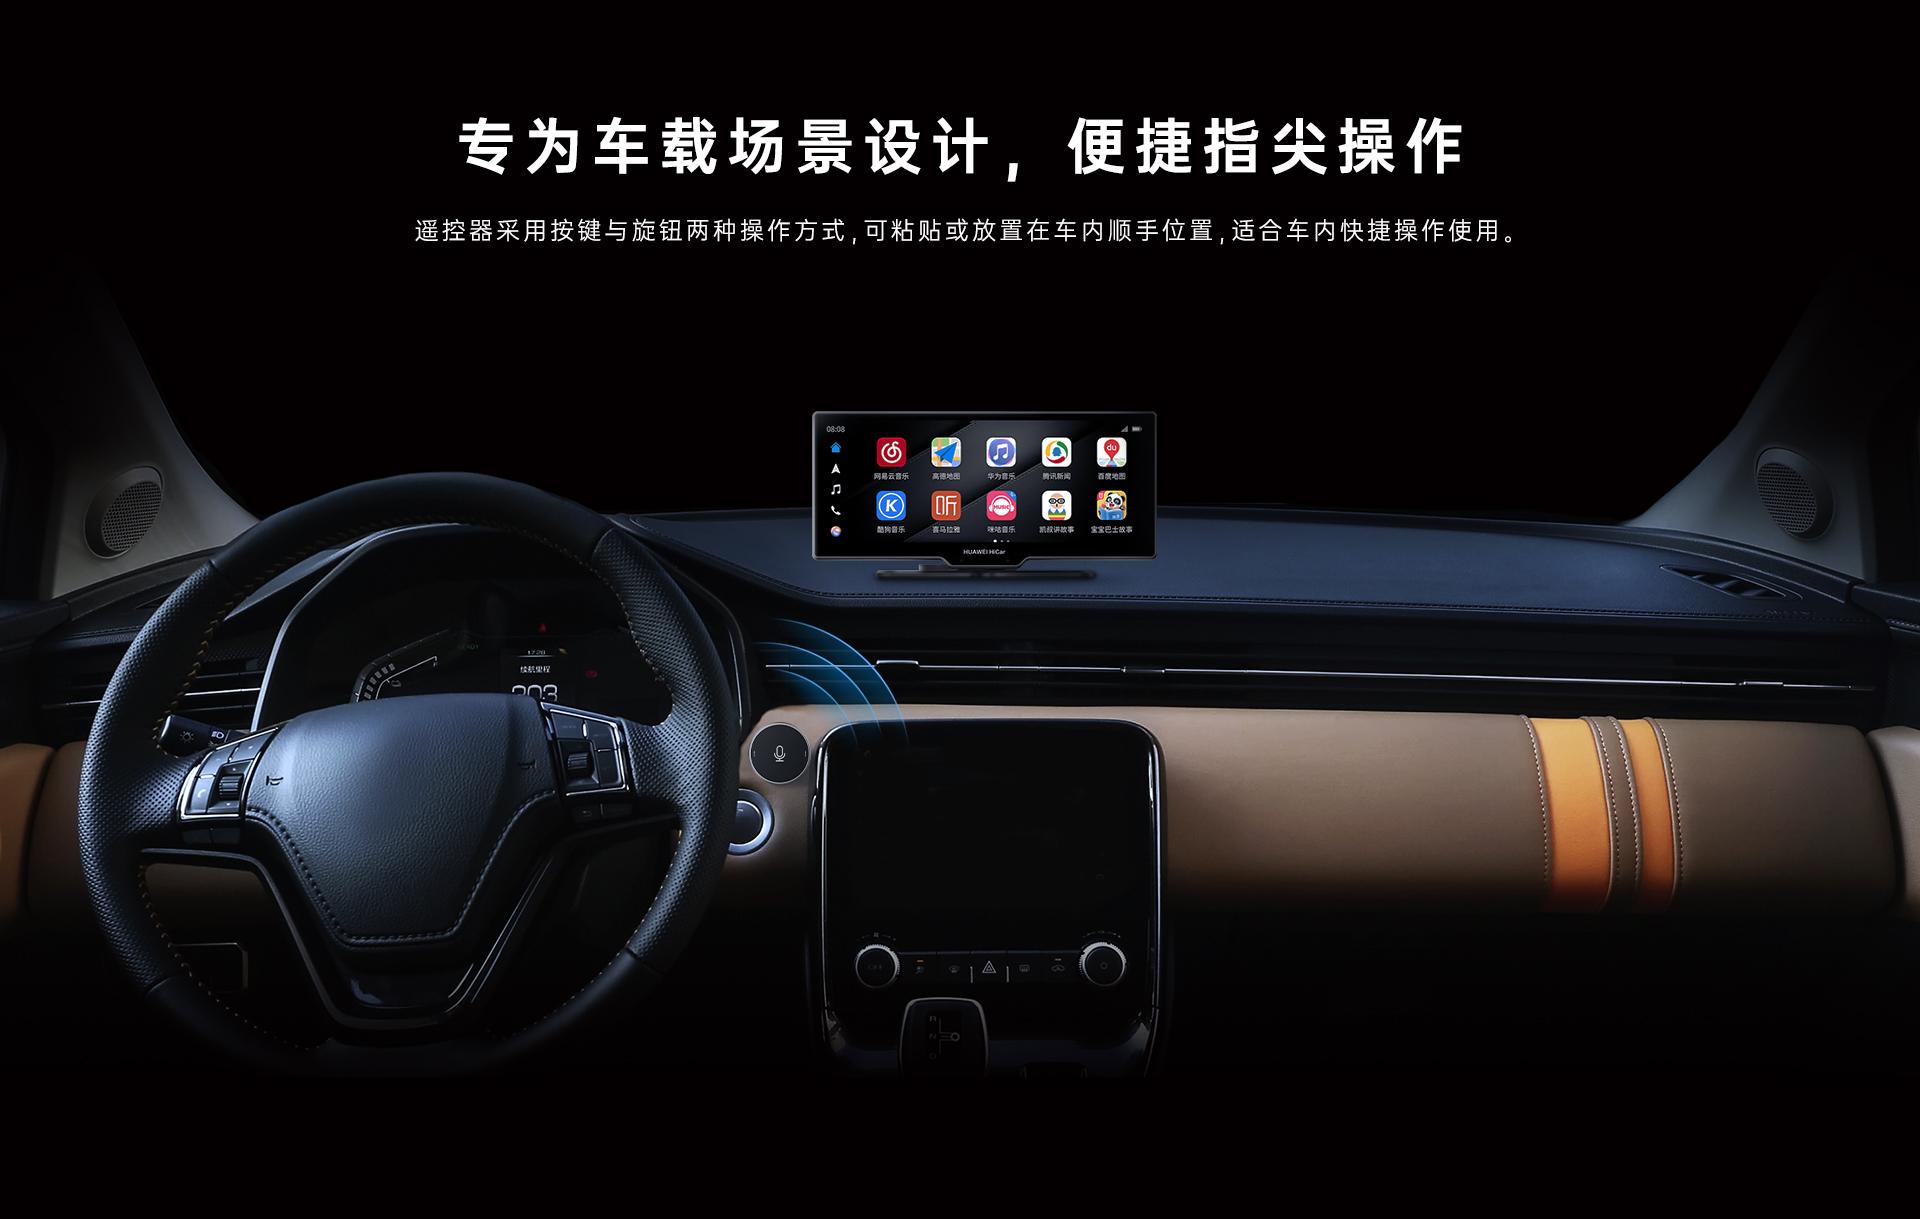 车载智慧屏专用蓝牙遥控器-02.jpg